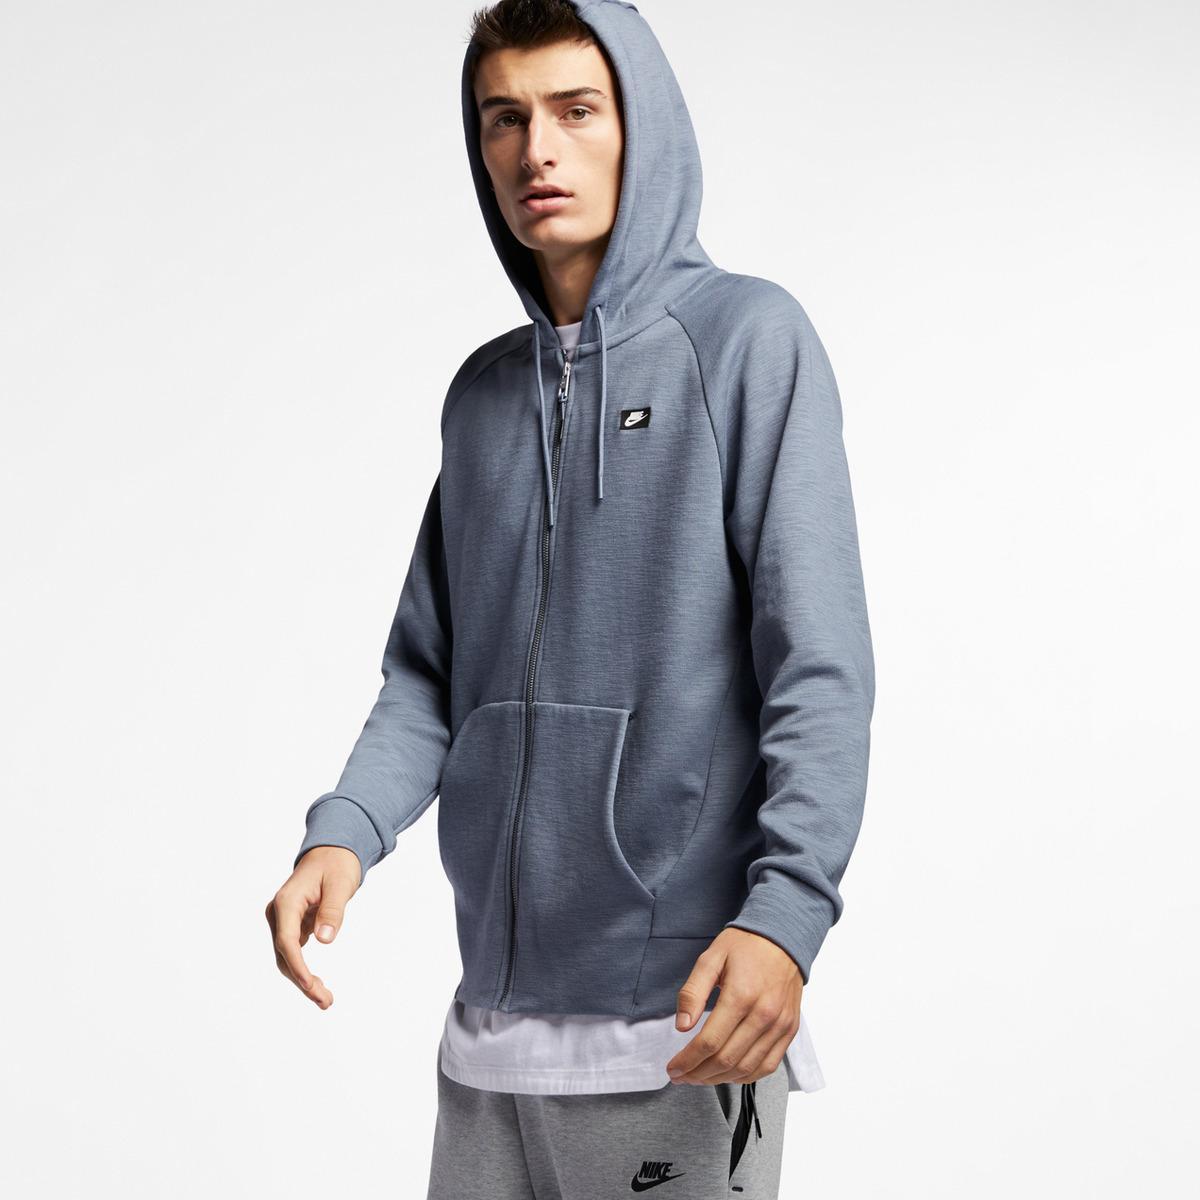 e17426f8 Lyst - Nike Sportswear Optic Fleece Sweatshirt in Blue for Men